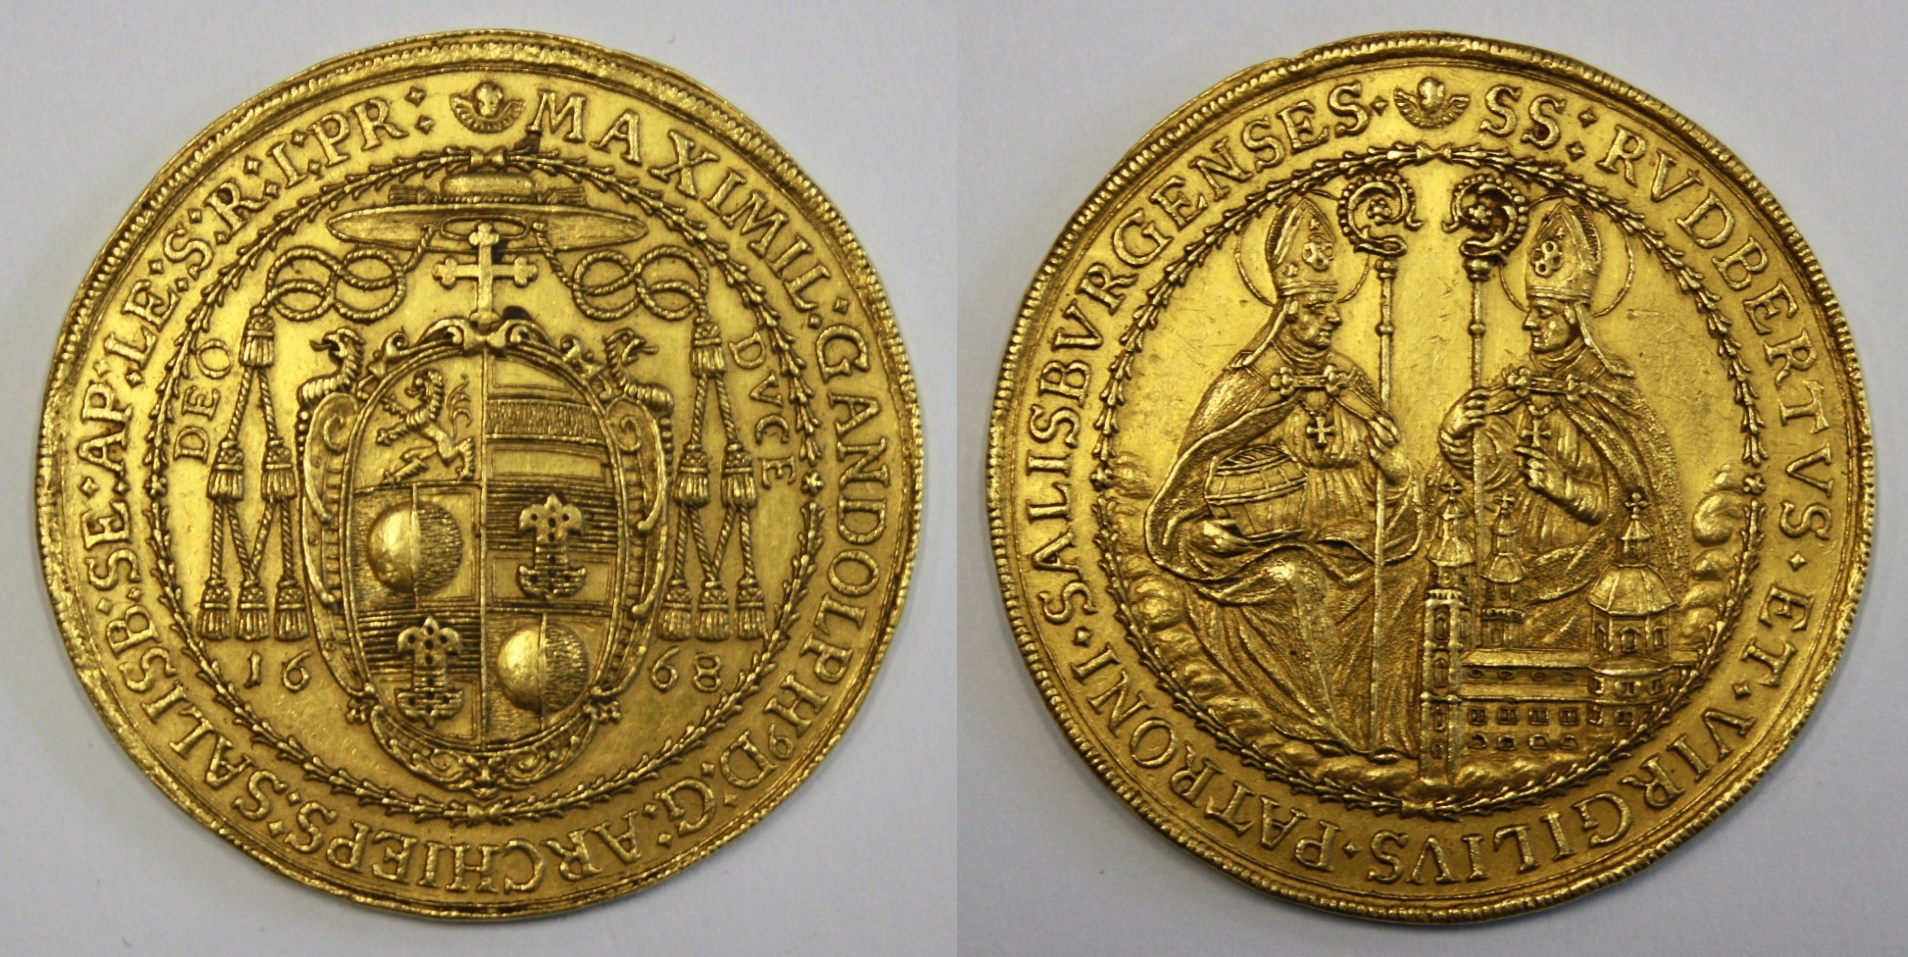 Max Gandolph Graf Kuenburg: 10facher Dukat 1668 auf die Wahl